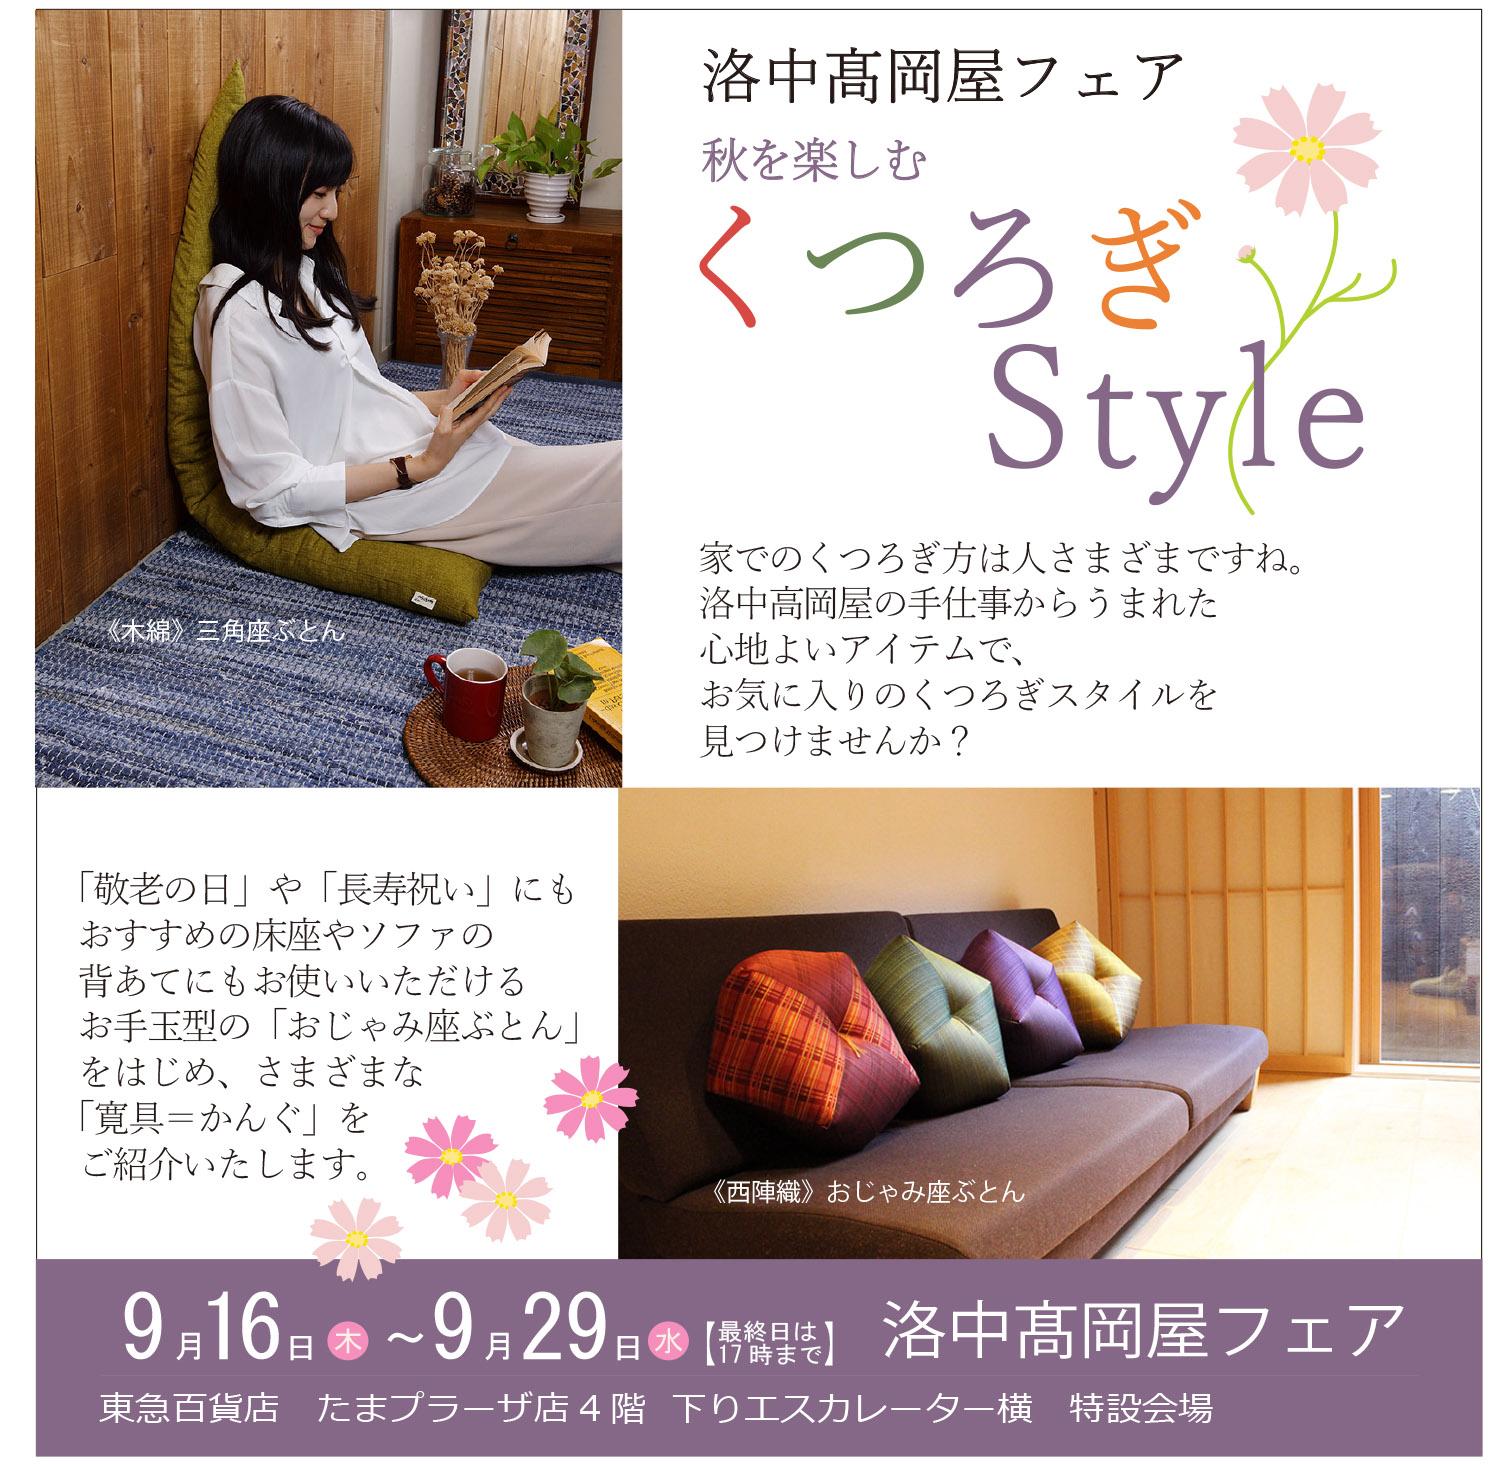 東急たまプラーザ店 4階 期間限定イベントのご案内(9/16~29)